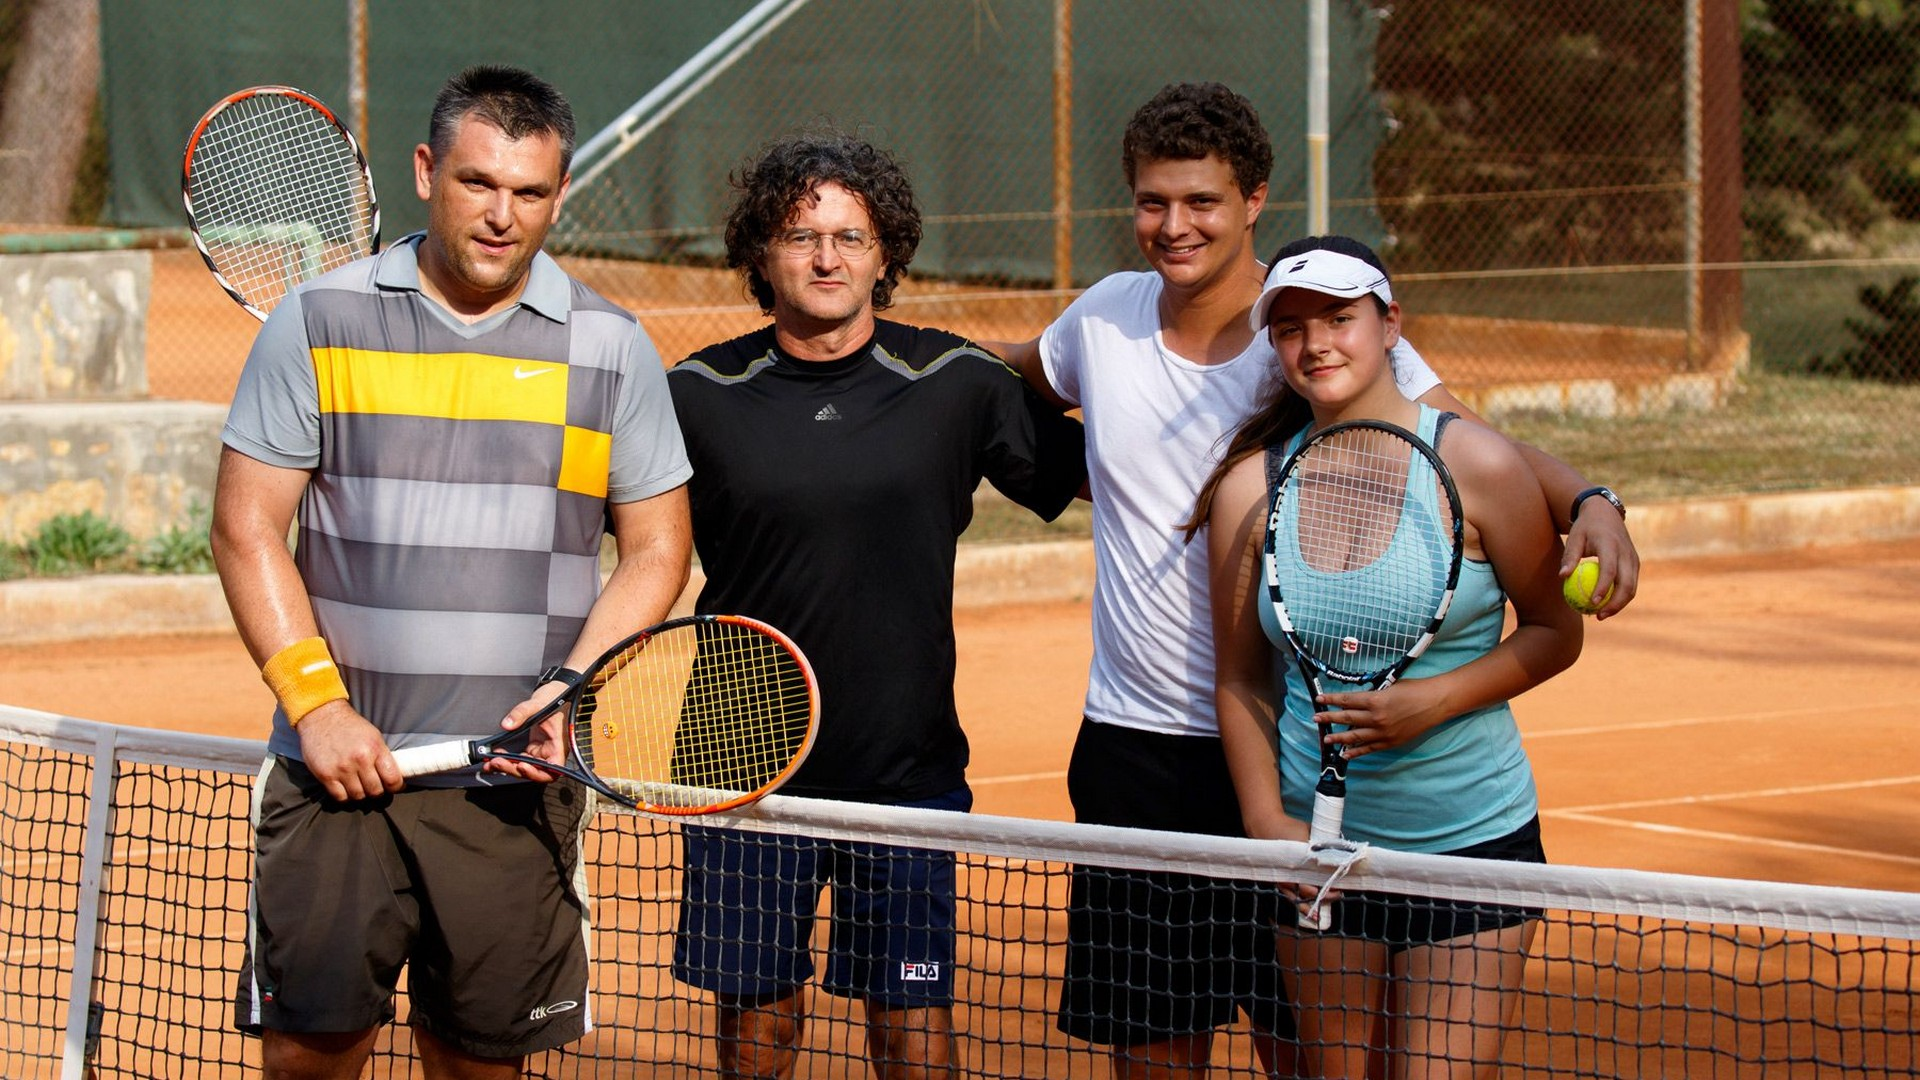 Tenis kamp Zaton 2017 (91)